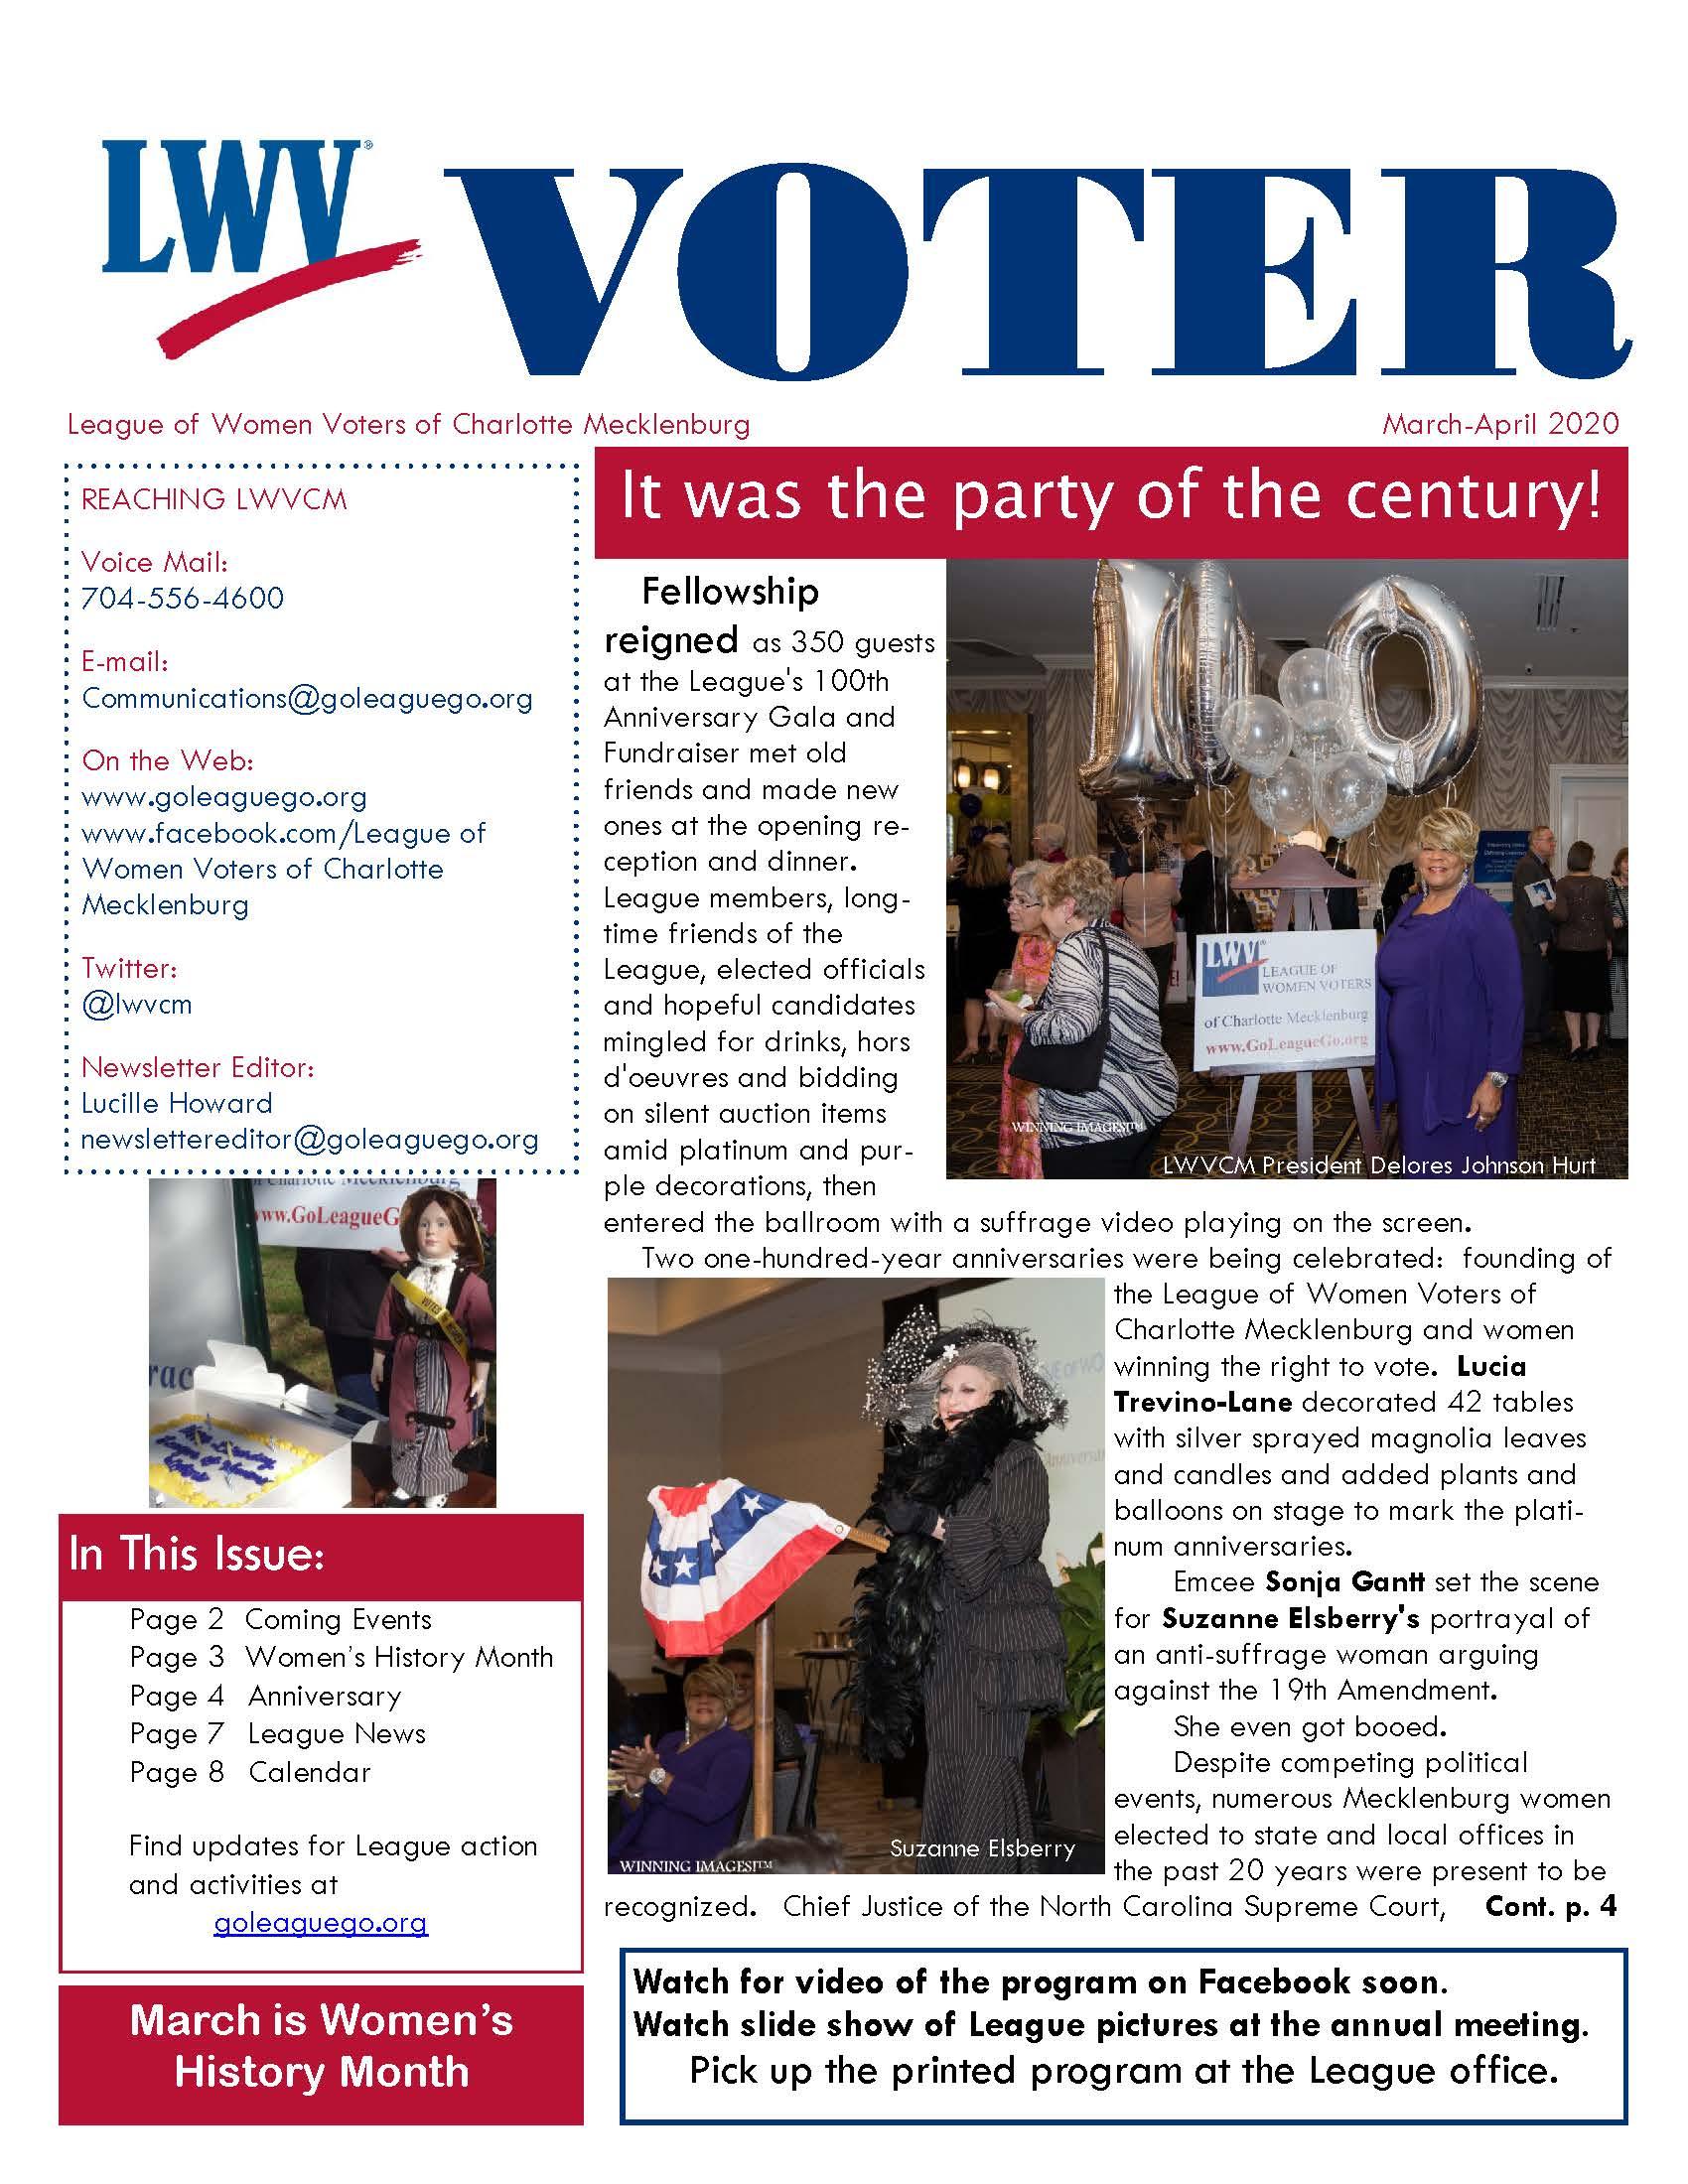 March - April 2020 Voter